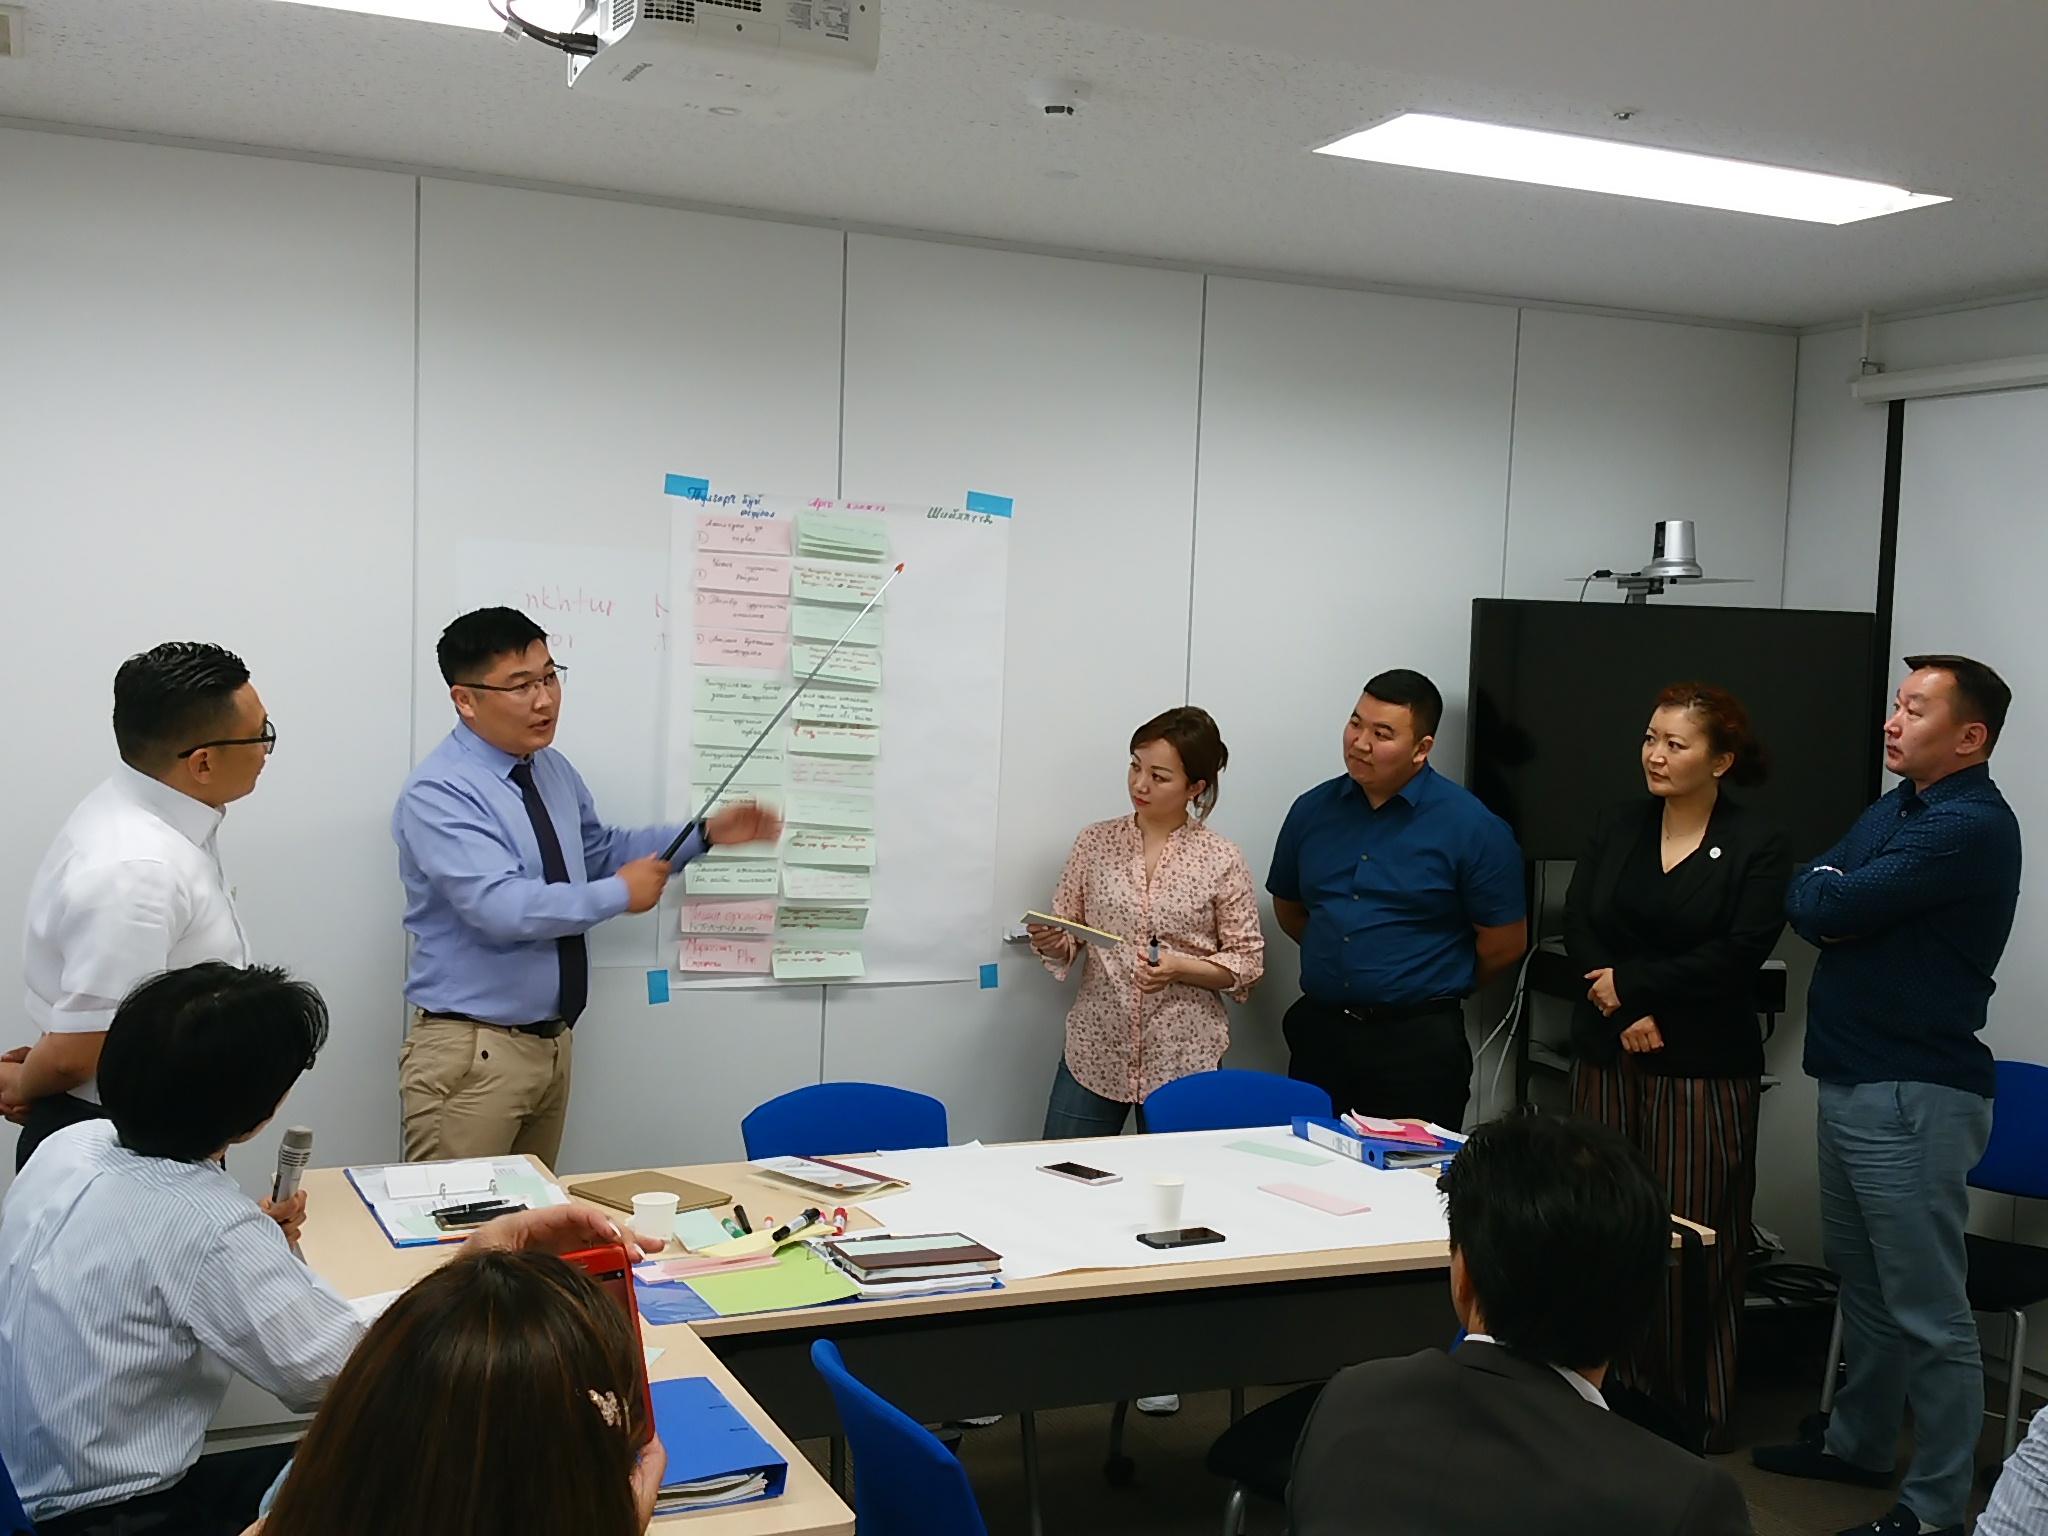 JICAモンゴル日本センタービジネス実務研修